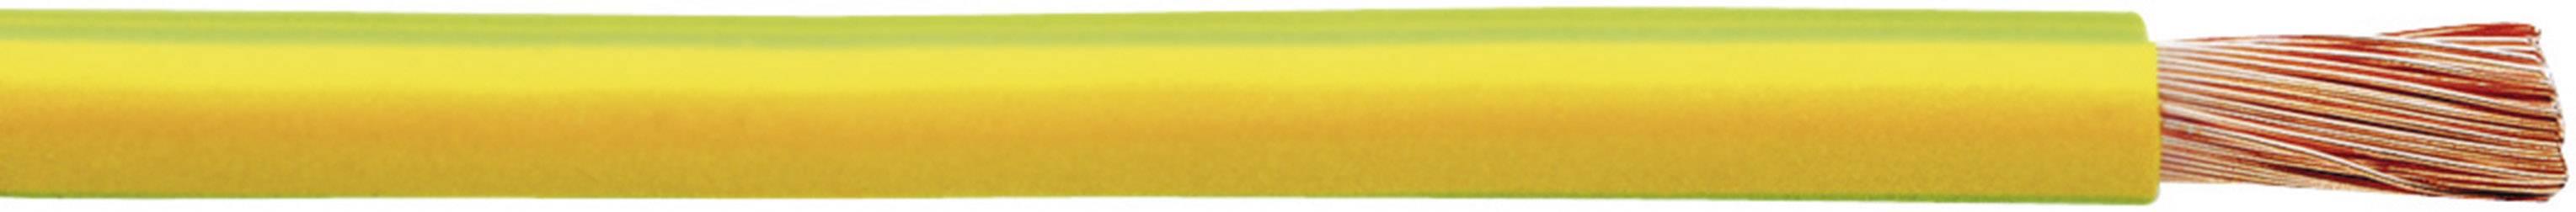 Pletenica H07V-K 1 x 1.50 mm, črna Faber Kabel 040035 100 m